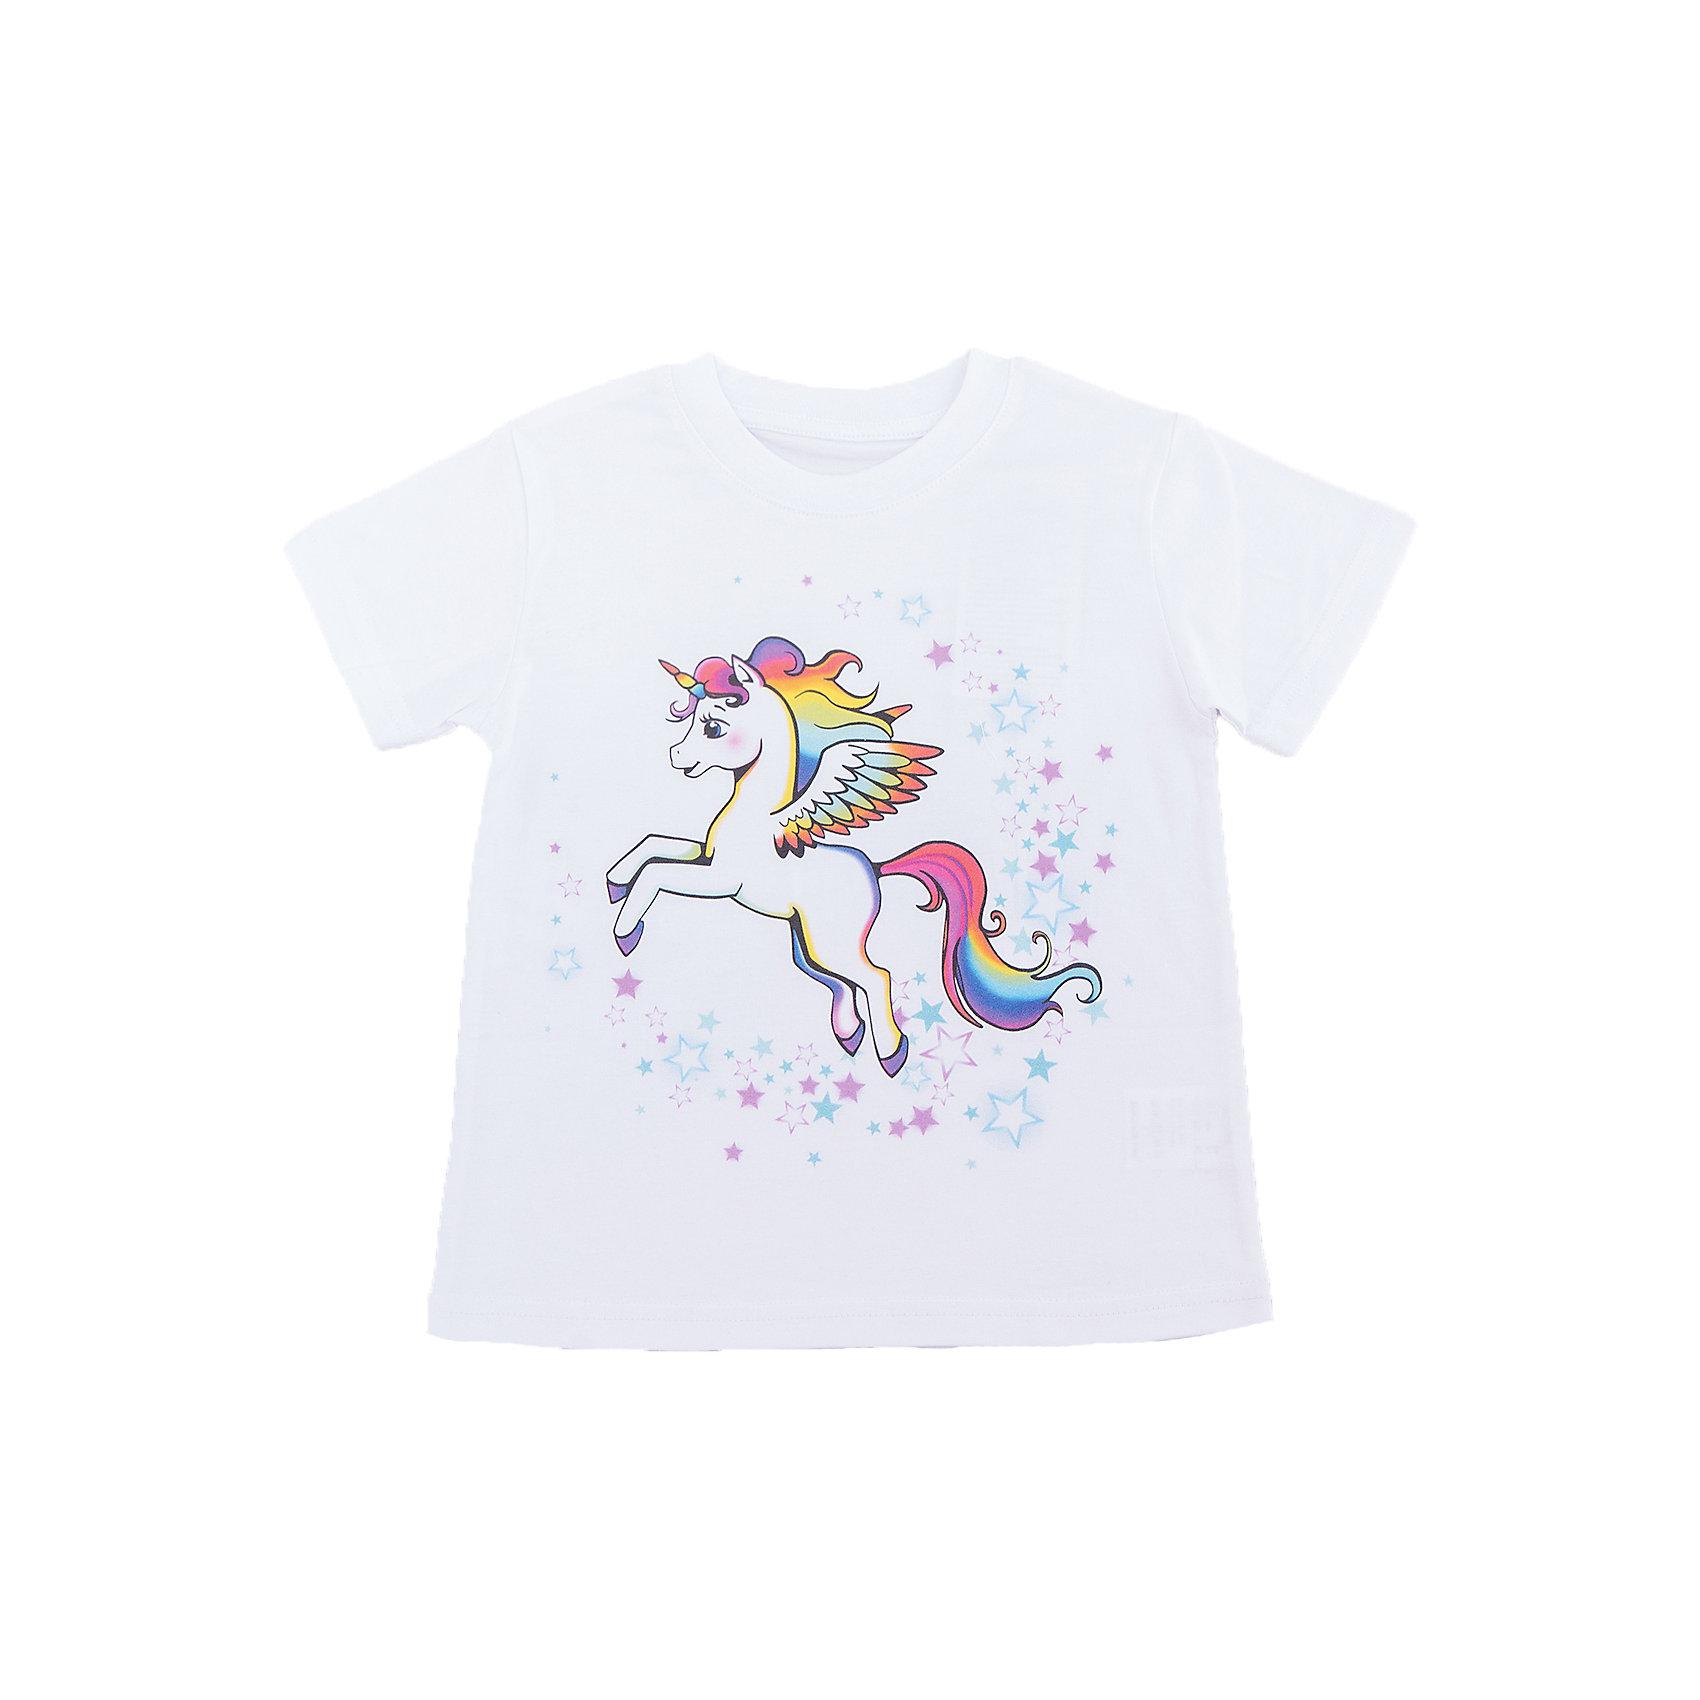 Футболка для девочки WOWФутболки, поло и топы<br>Футболка для девочки WOW<br>Незаменимой вещью в  гардеробе послужит футболка с коротким рукавом. Стильная и в тоже время комфортная модель, с яркой оригинальной печатью, будет превосходно смотреться на ребенке.<br>Состав:<br>кулирная гладь 100% хлопок<br><br>Ширина мм: 199<br>Глубина мм: 10<br>Высота мм: 161<br>Вес г: 151<br>Цвет: белый<br>Возраст от месяцев: 72<br>Возраст до месяцев: 84<br>Пол: Женский<br>Возраст: Детский<br>Размер: 122,98,104,110,116<br>SKU: 6871739